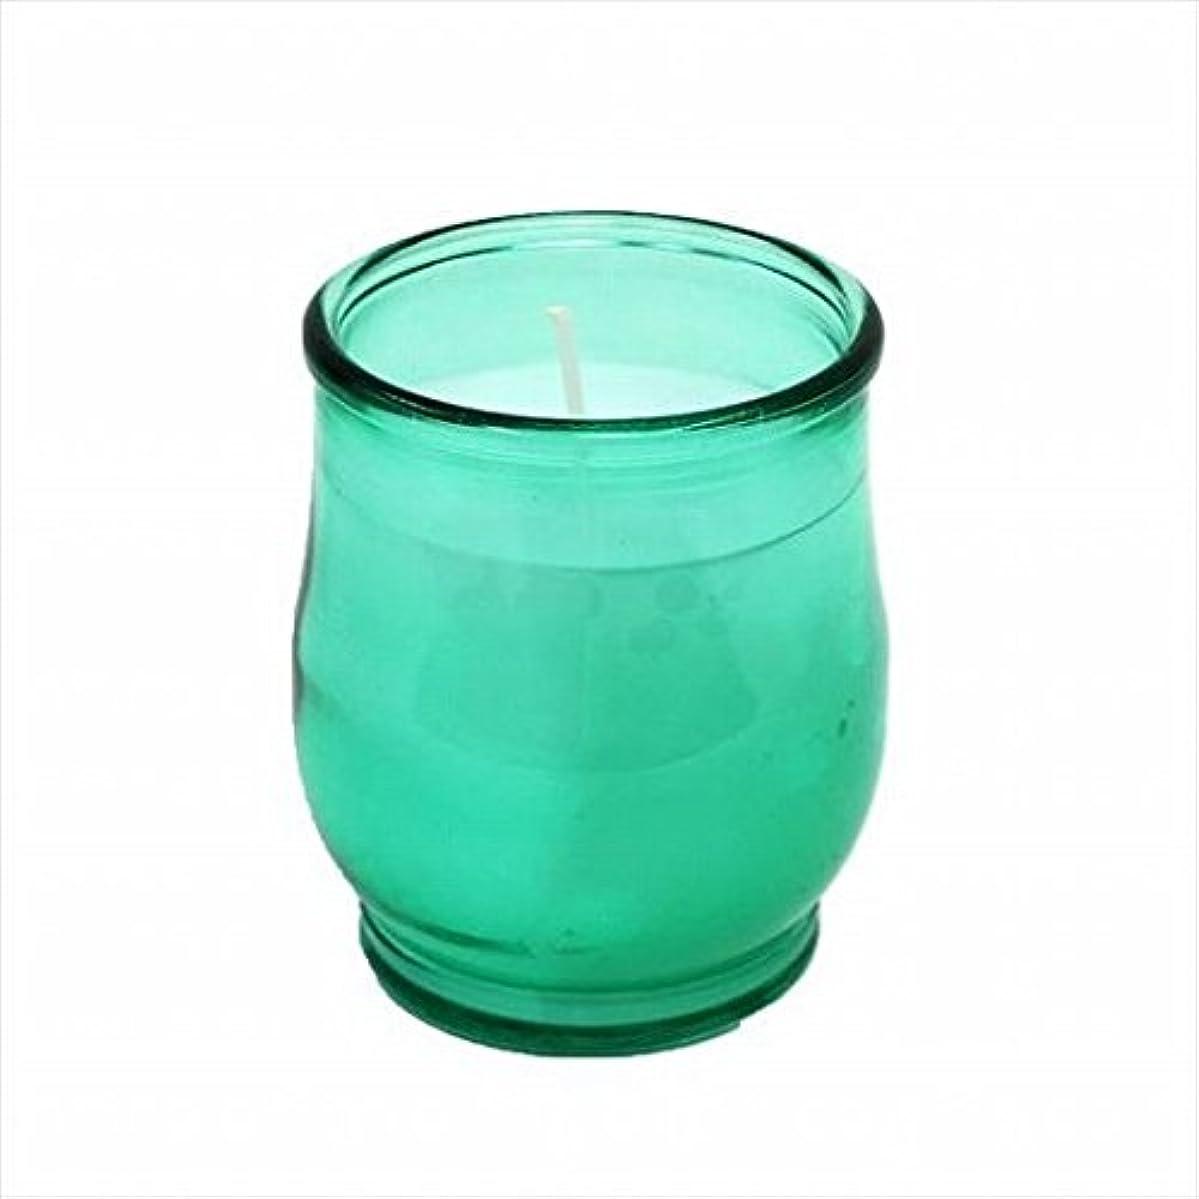 オーラル発生する飾るkameyama candle(カメヤマキャンドル) ポシェ(非常用コップローソク) 「 グリーン(ライトカラー) 」 キャンドル 68x68x80mm (73020030G)